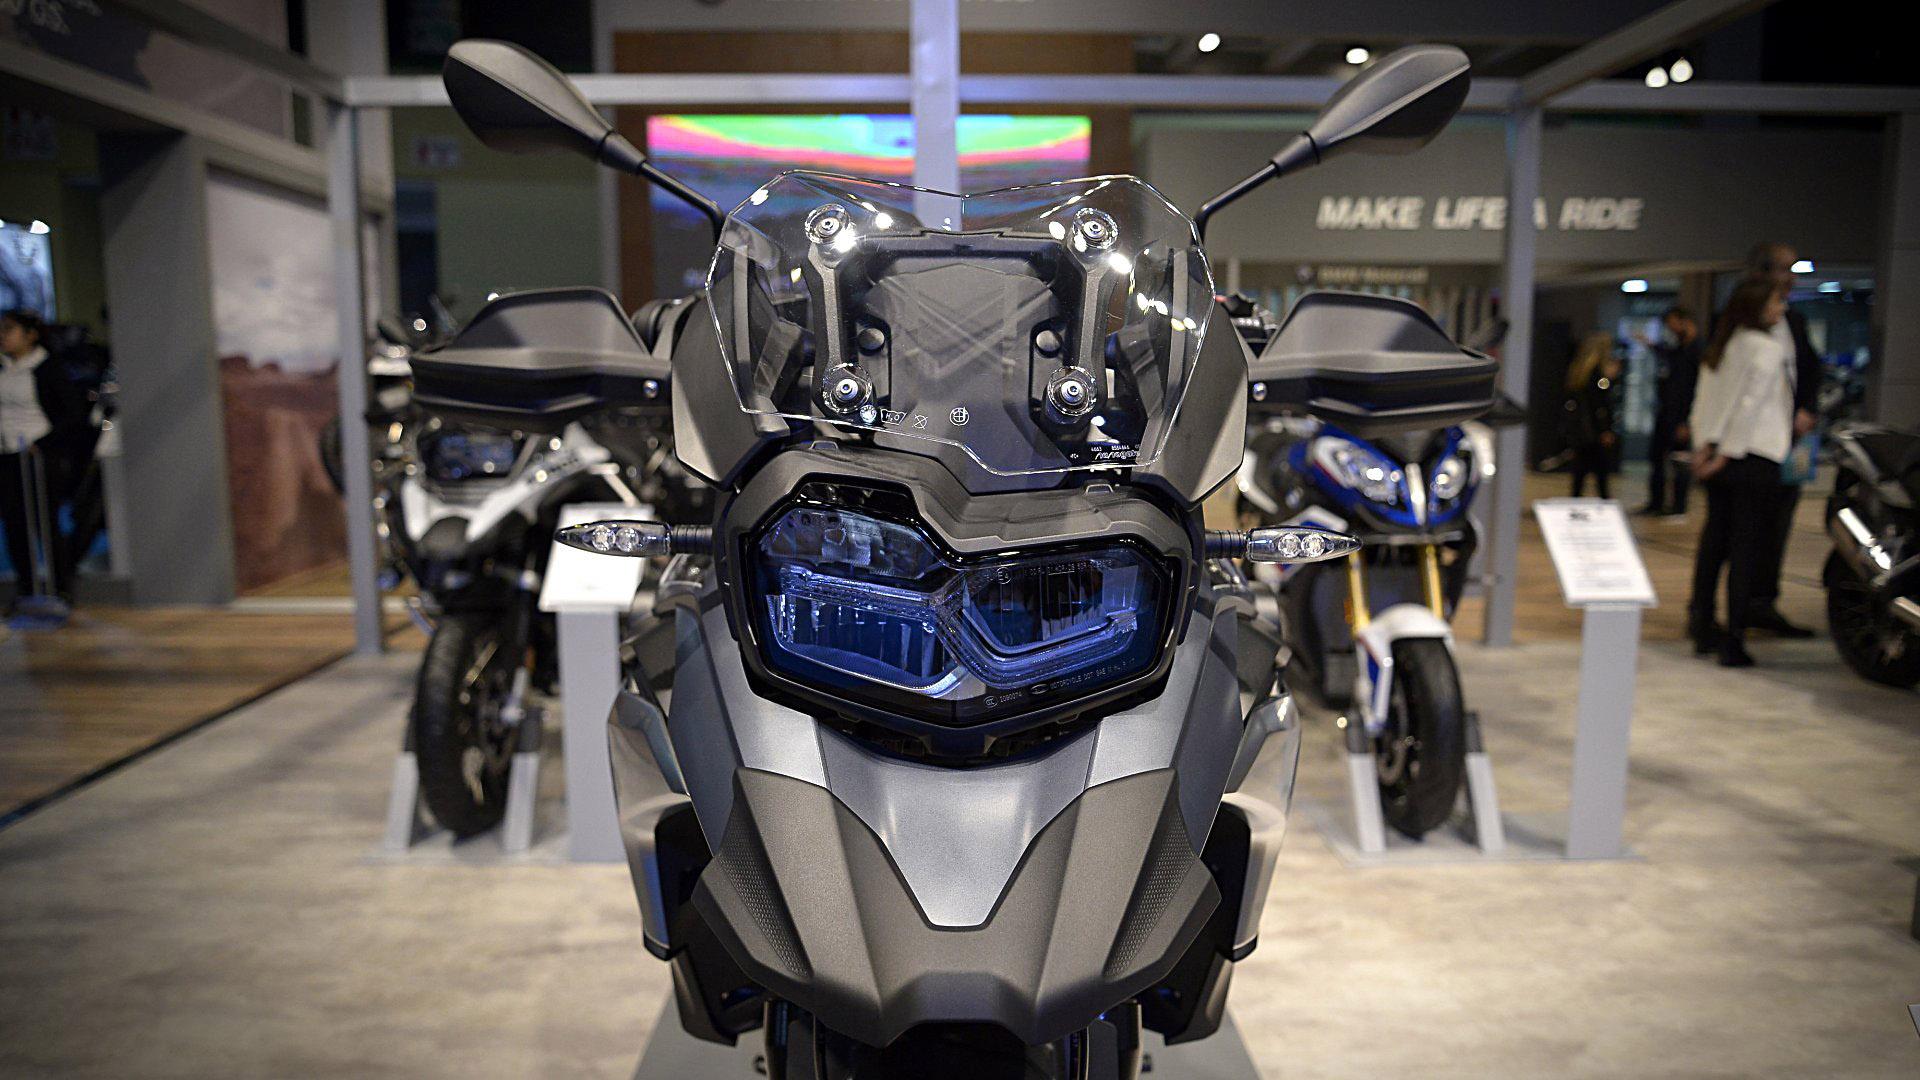 El públicoverá las diferentes familias de modelos de la marca: Adventure, Tour, Roadster, Sport y Heritage.Y podrá interiorizarse con expertos de la marca acerca de las características técnicas, de diseño y desempeño de las motocicletas en la exhibición